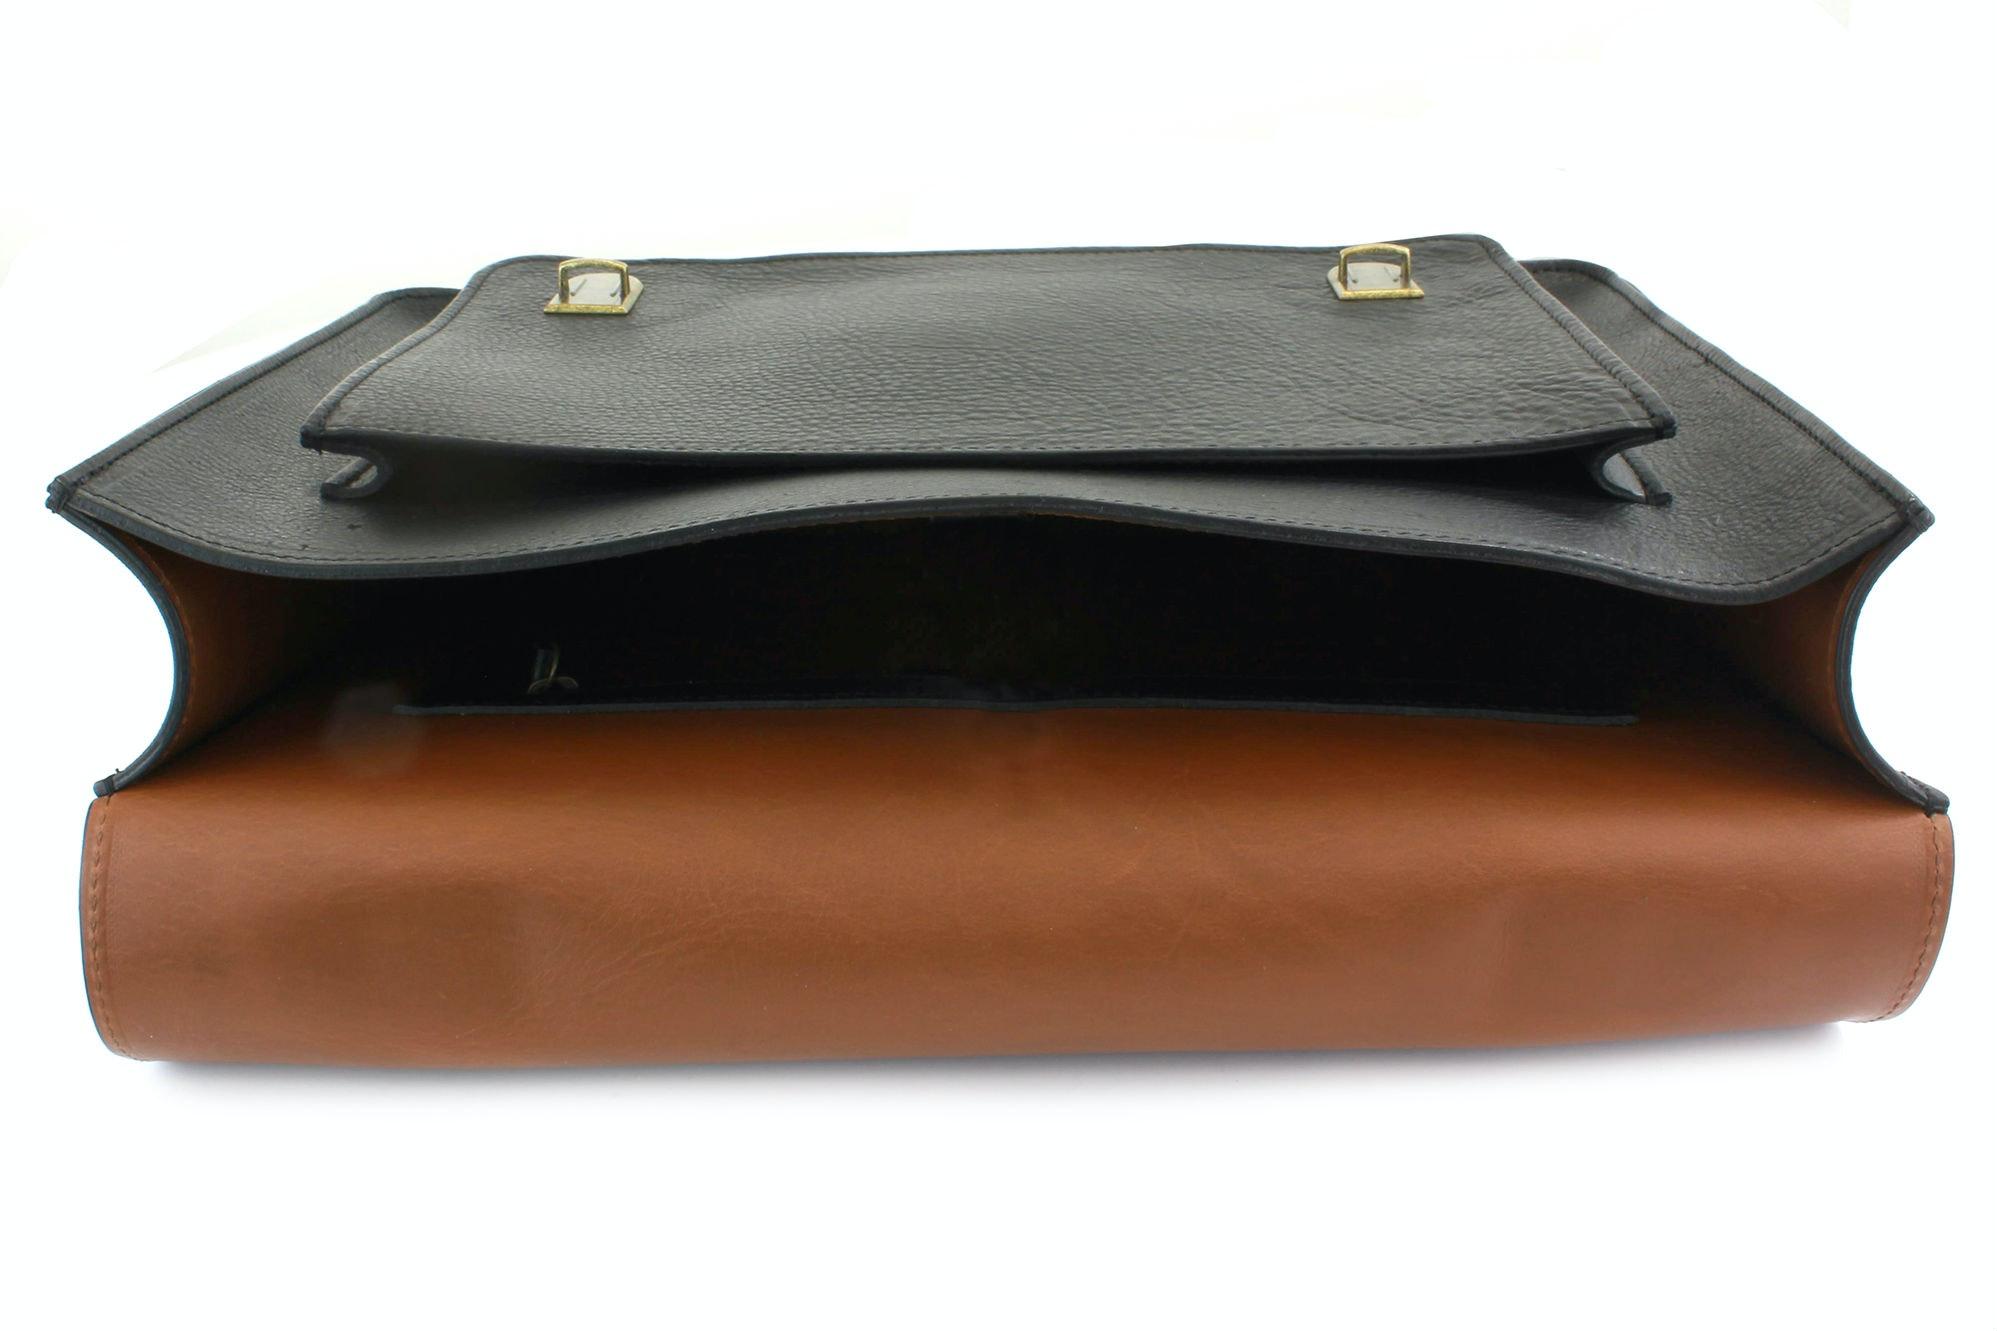 Ebony black with saddle tan lining